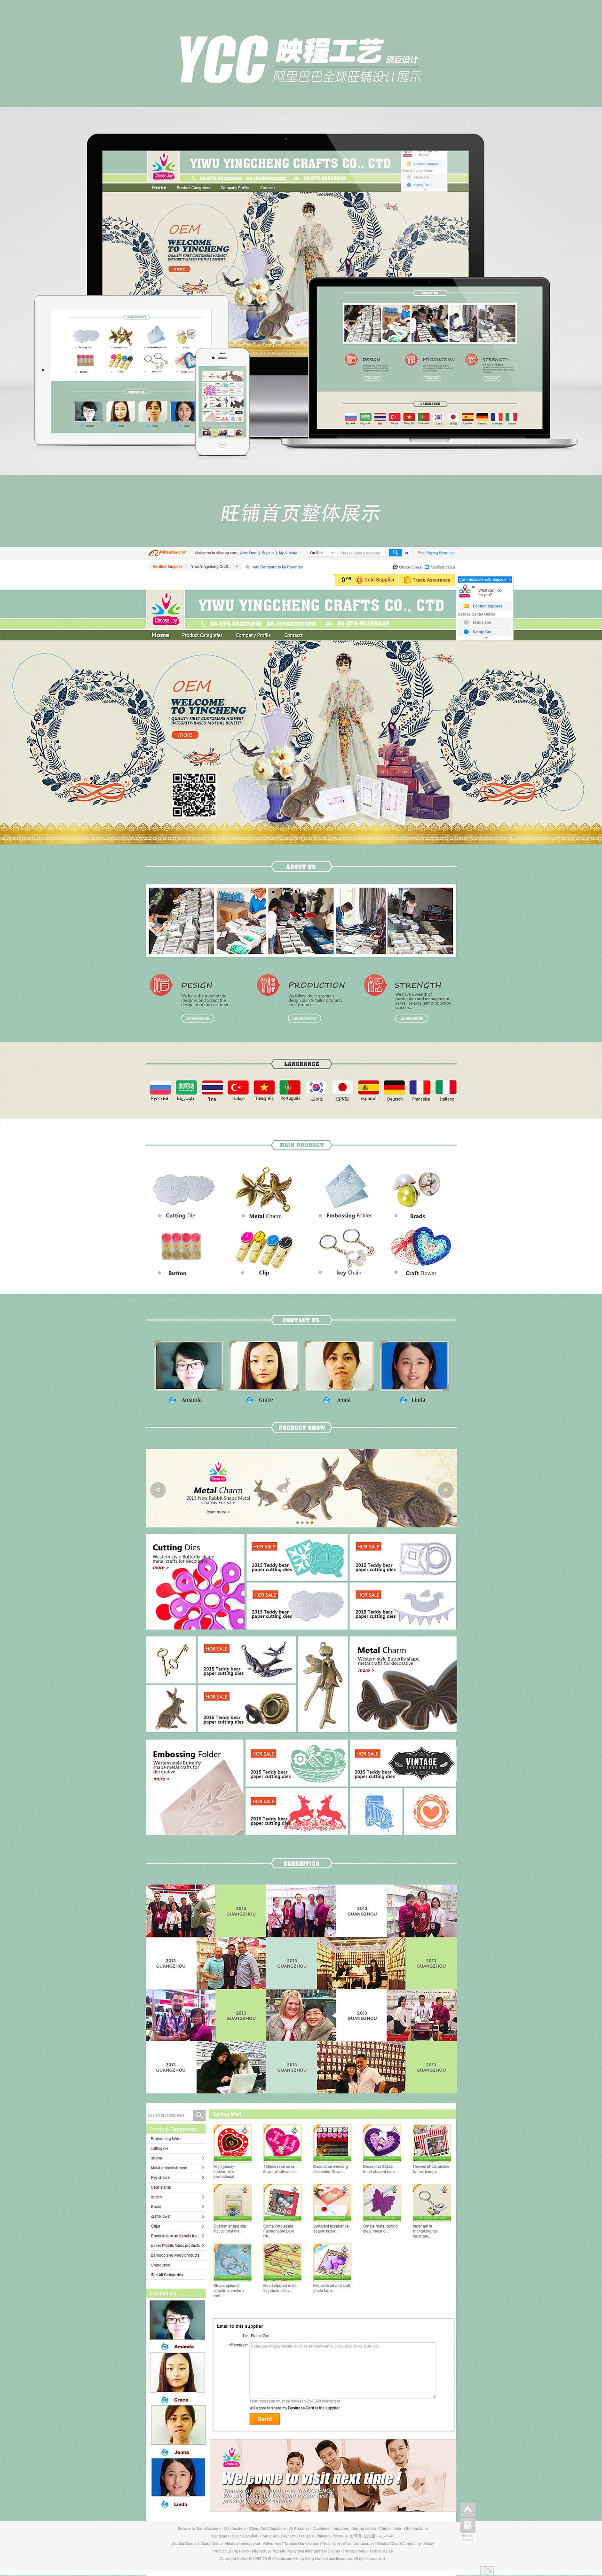 里巴巴旺铺_阿里巴巴旺铺设计|网页|电商|张欣璐-原创作品-站酷(ZCOOL)